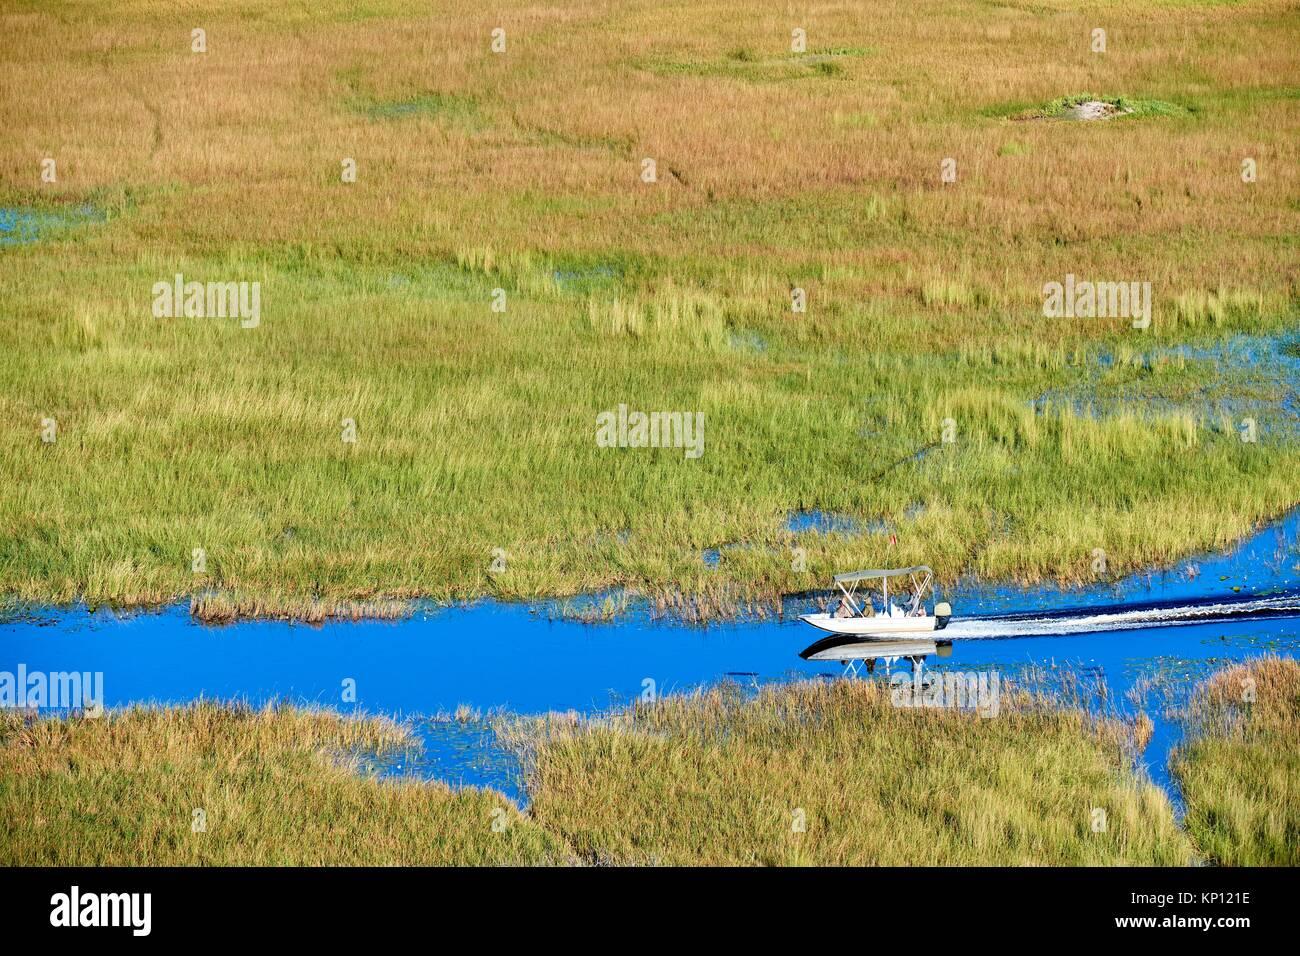 Vue aérienne de la croisière en bateau sur un canal du delta de l'Okavango, au Botswana. Photo Stock